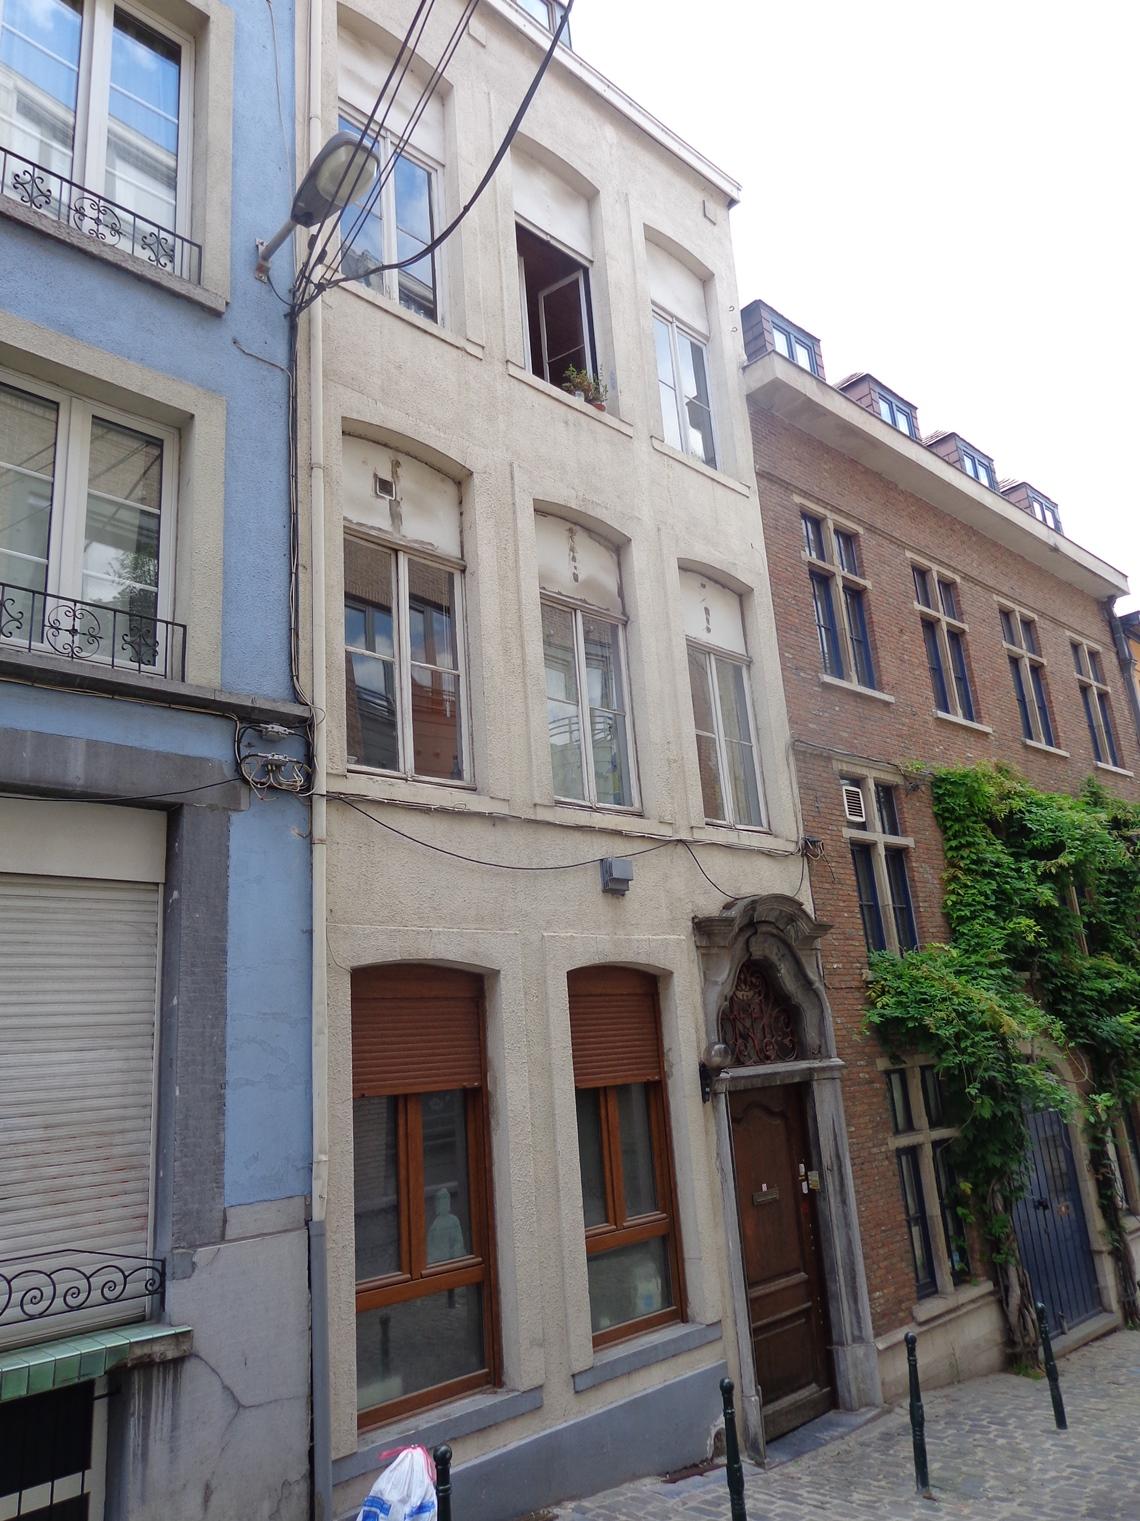 Rue Notre-Seigneur 15, 2015